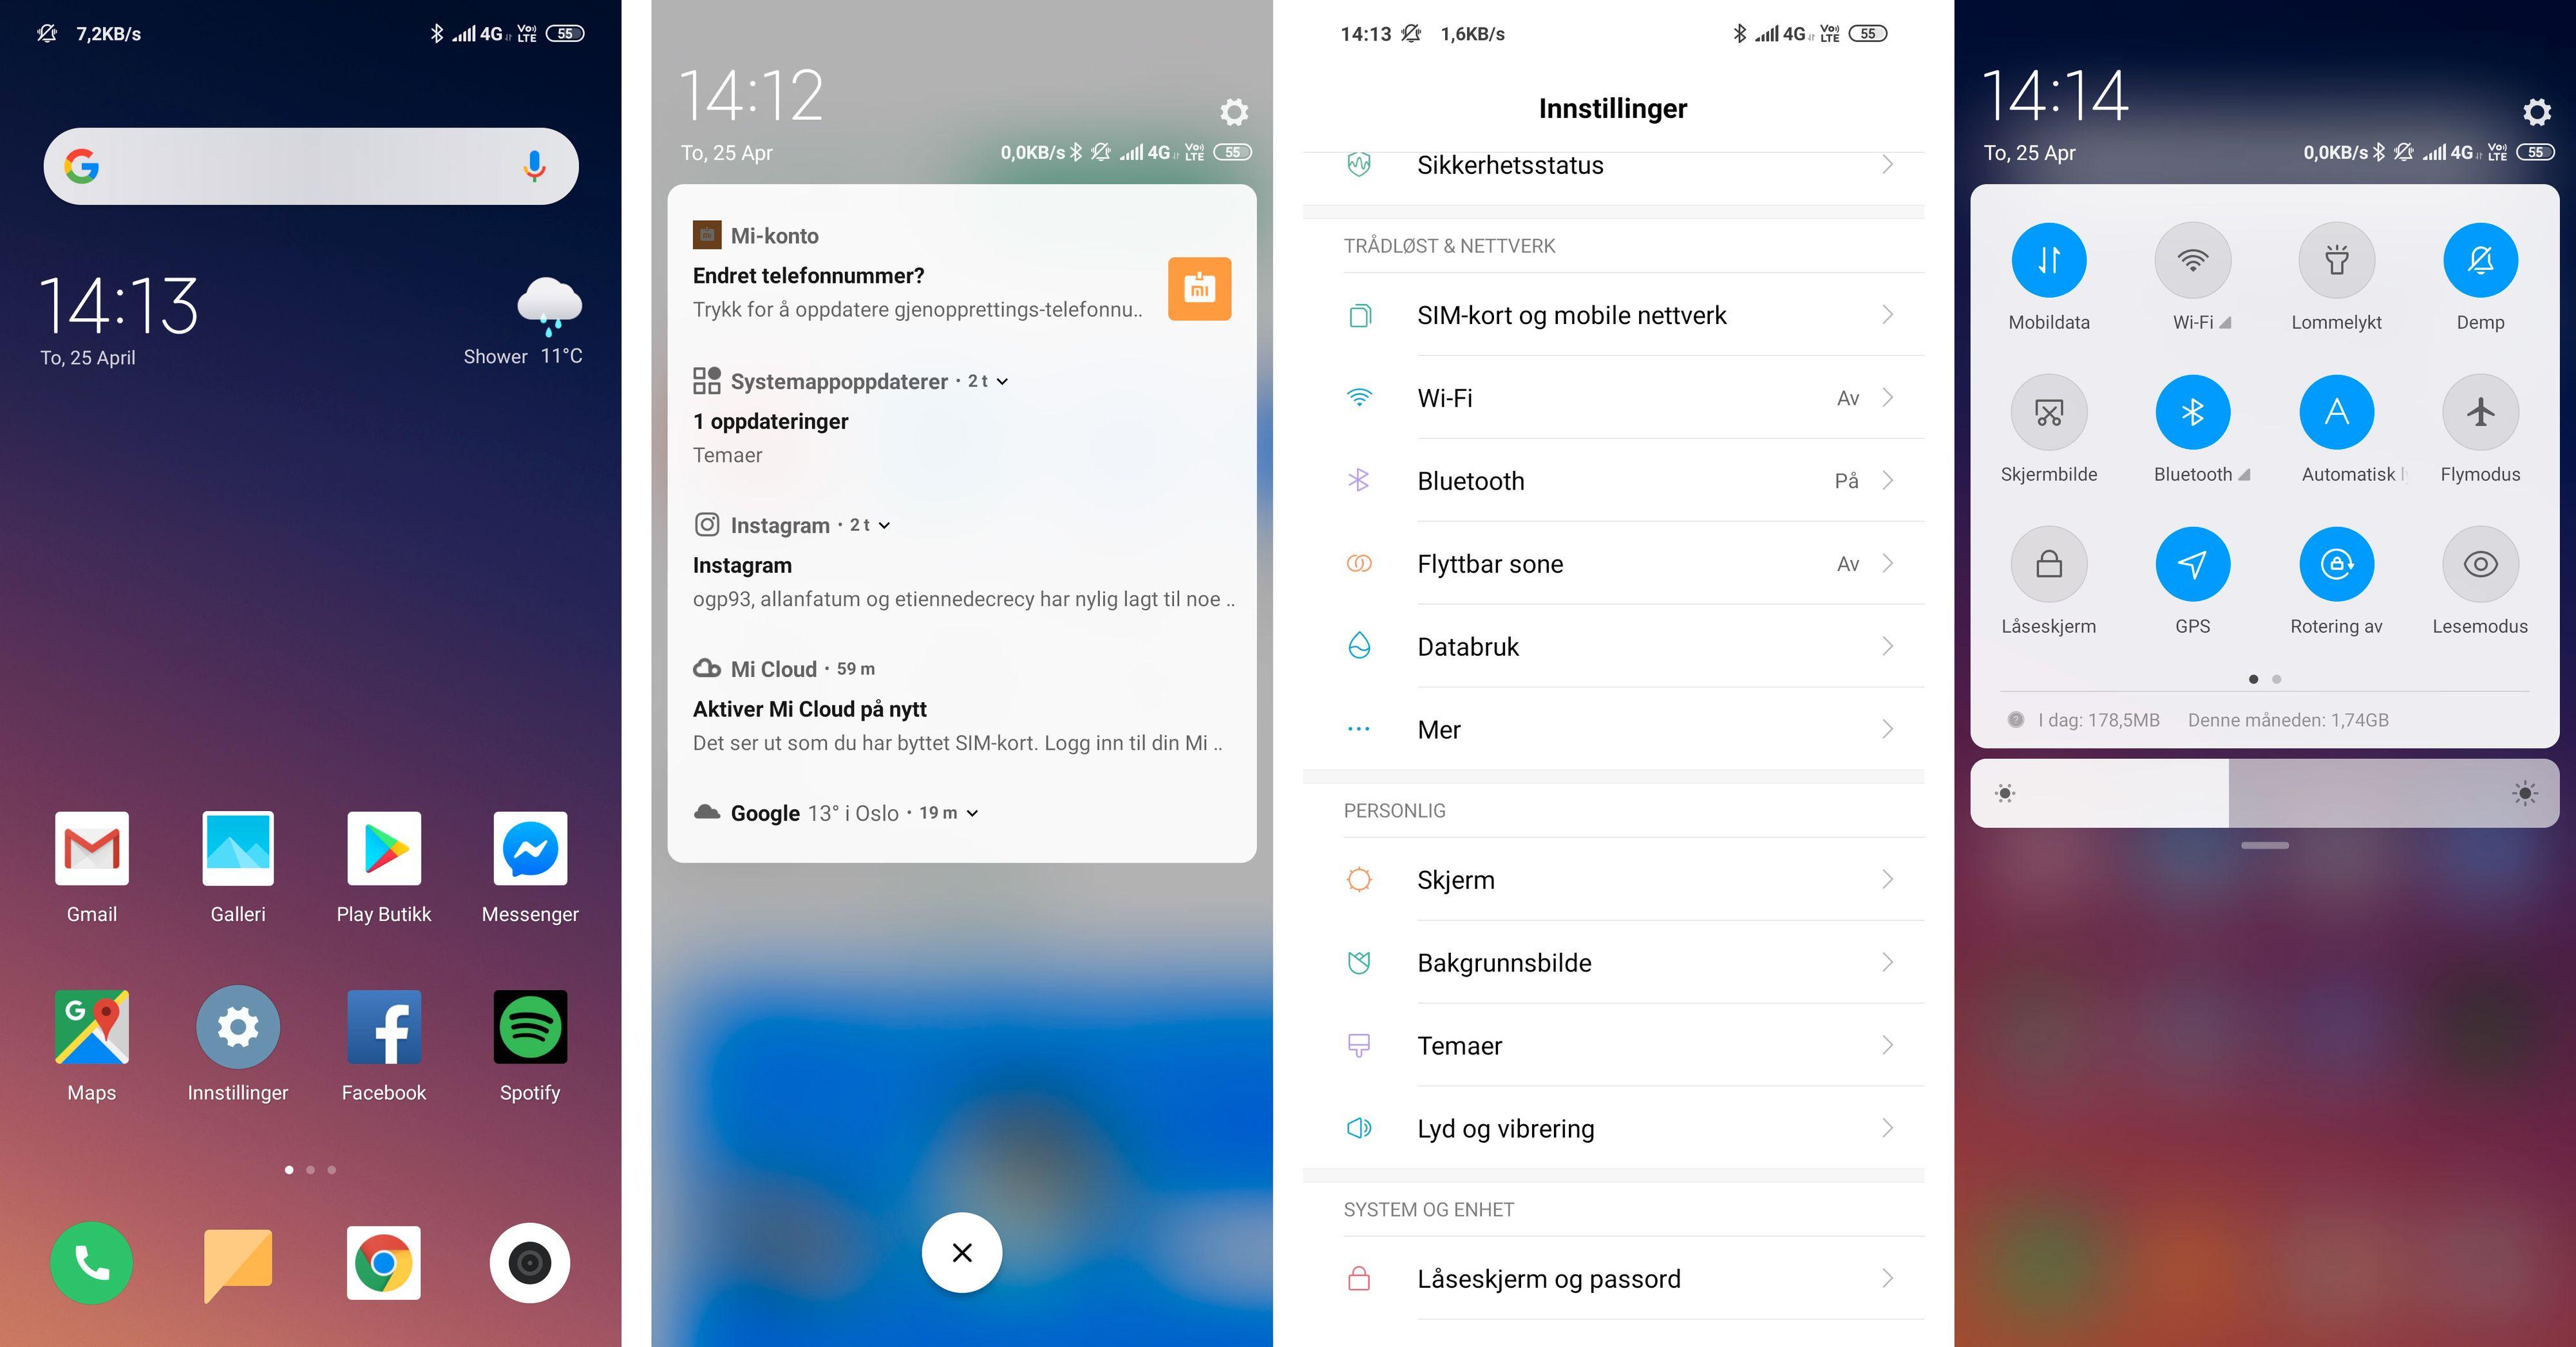 MIUI-menyene er de samme som du finner på Xiaomi-telefoner flest. De er raske og har mange fine funksjoner. Men vi hadde nok satt enda større pris på en Redmi Note 7 med Android One-stempel på ryggen og helt rene Google-menyer.